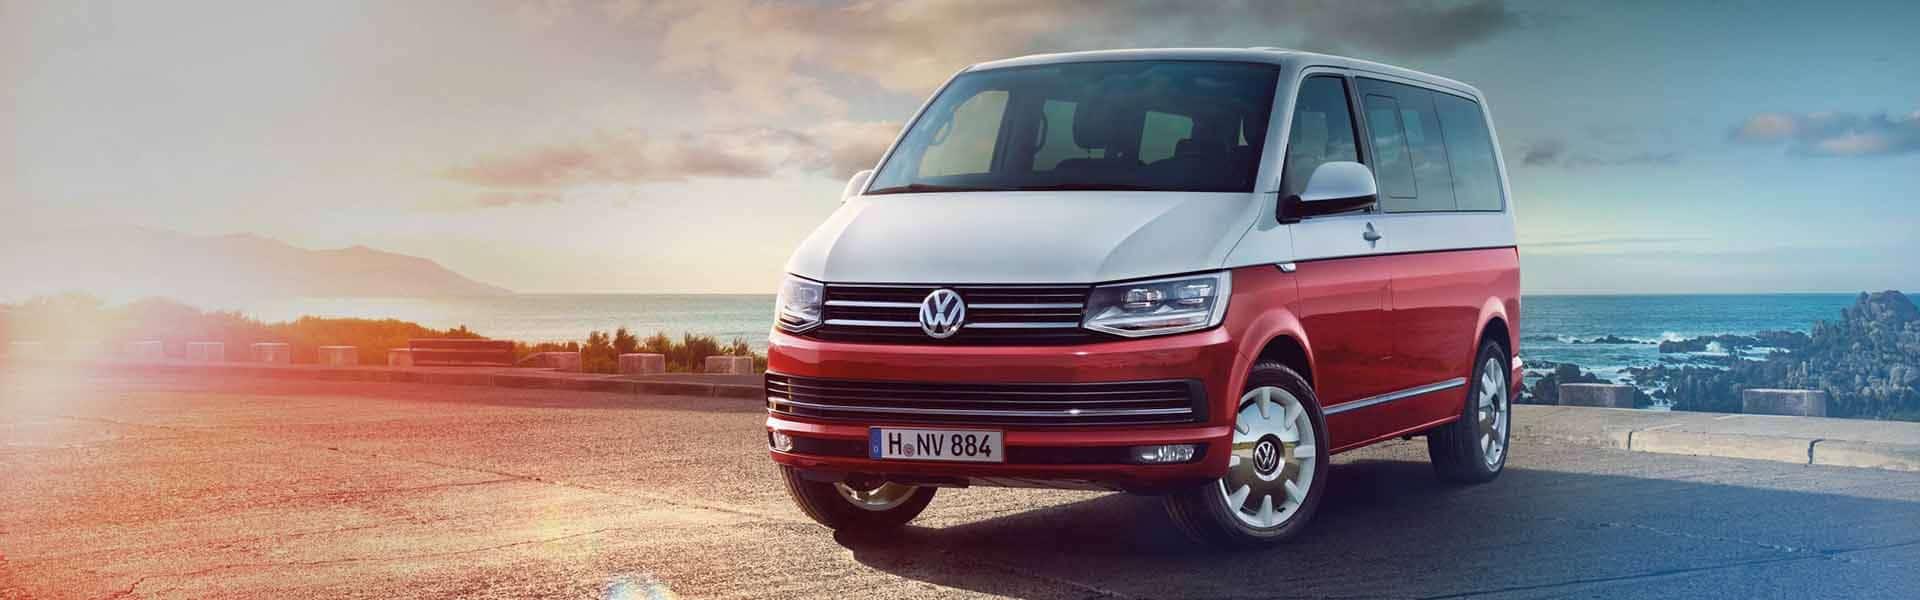 Volkswagen Nutzfahrzeuge Multivan